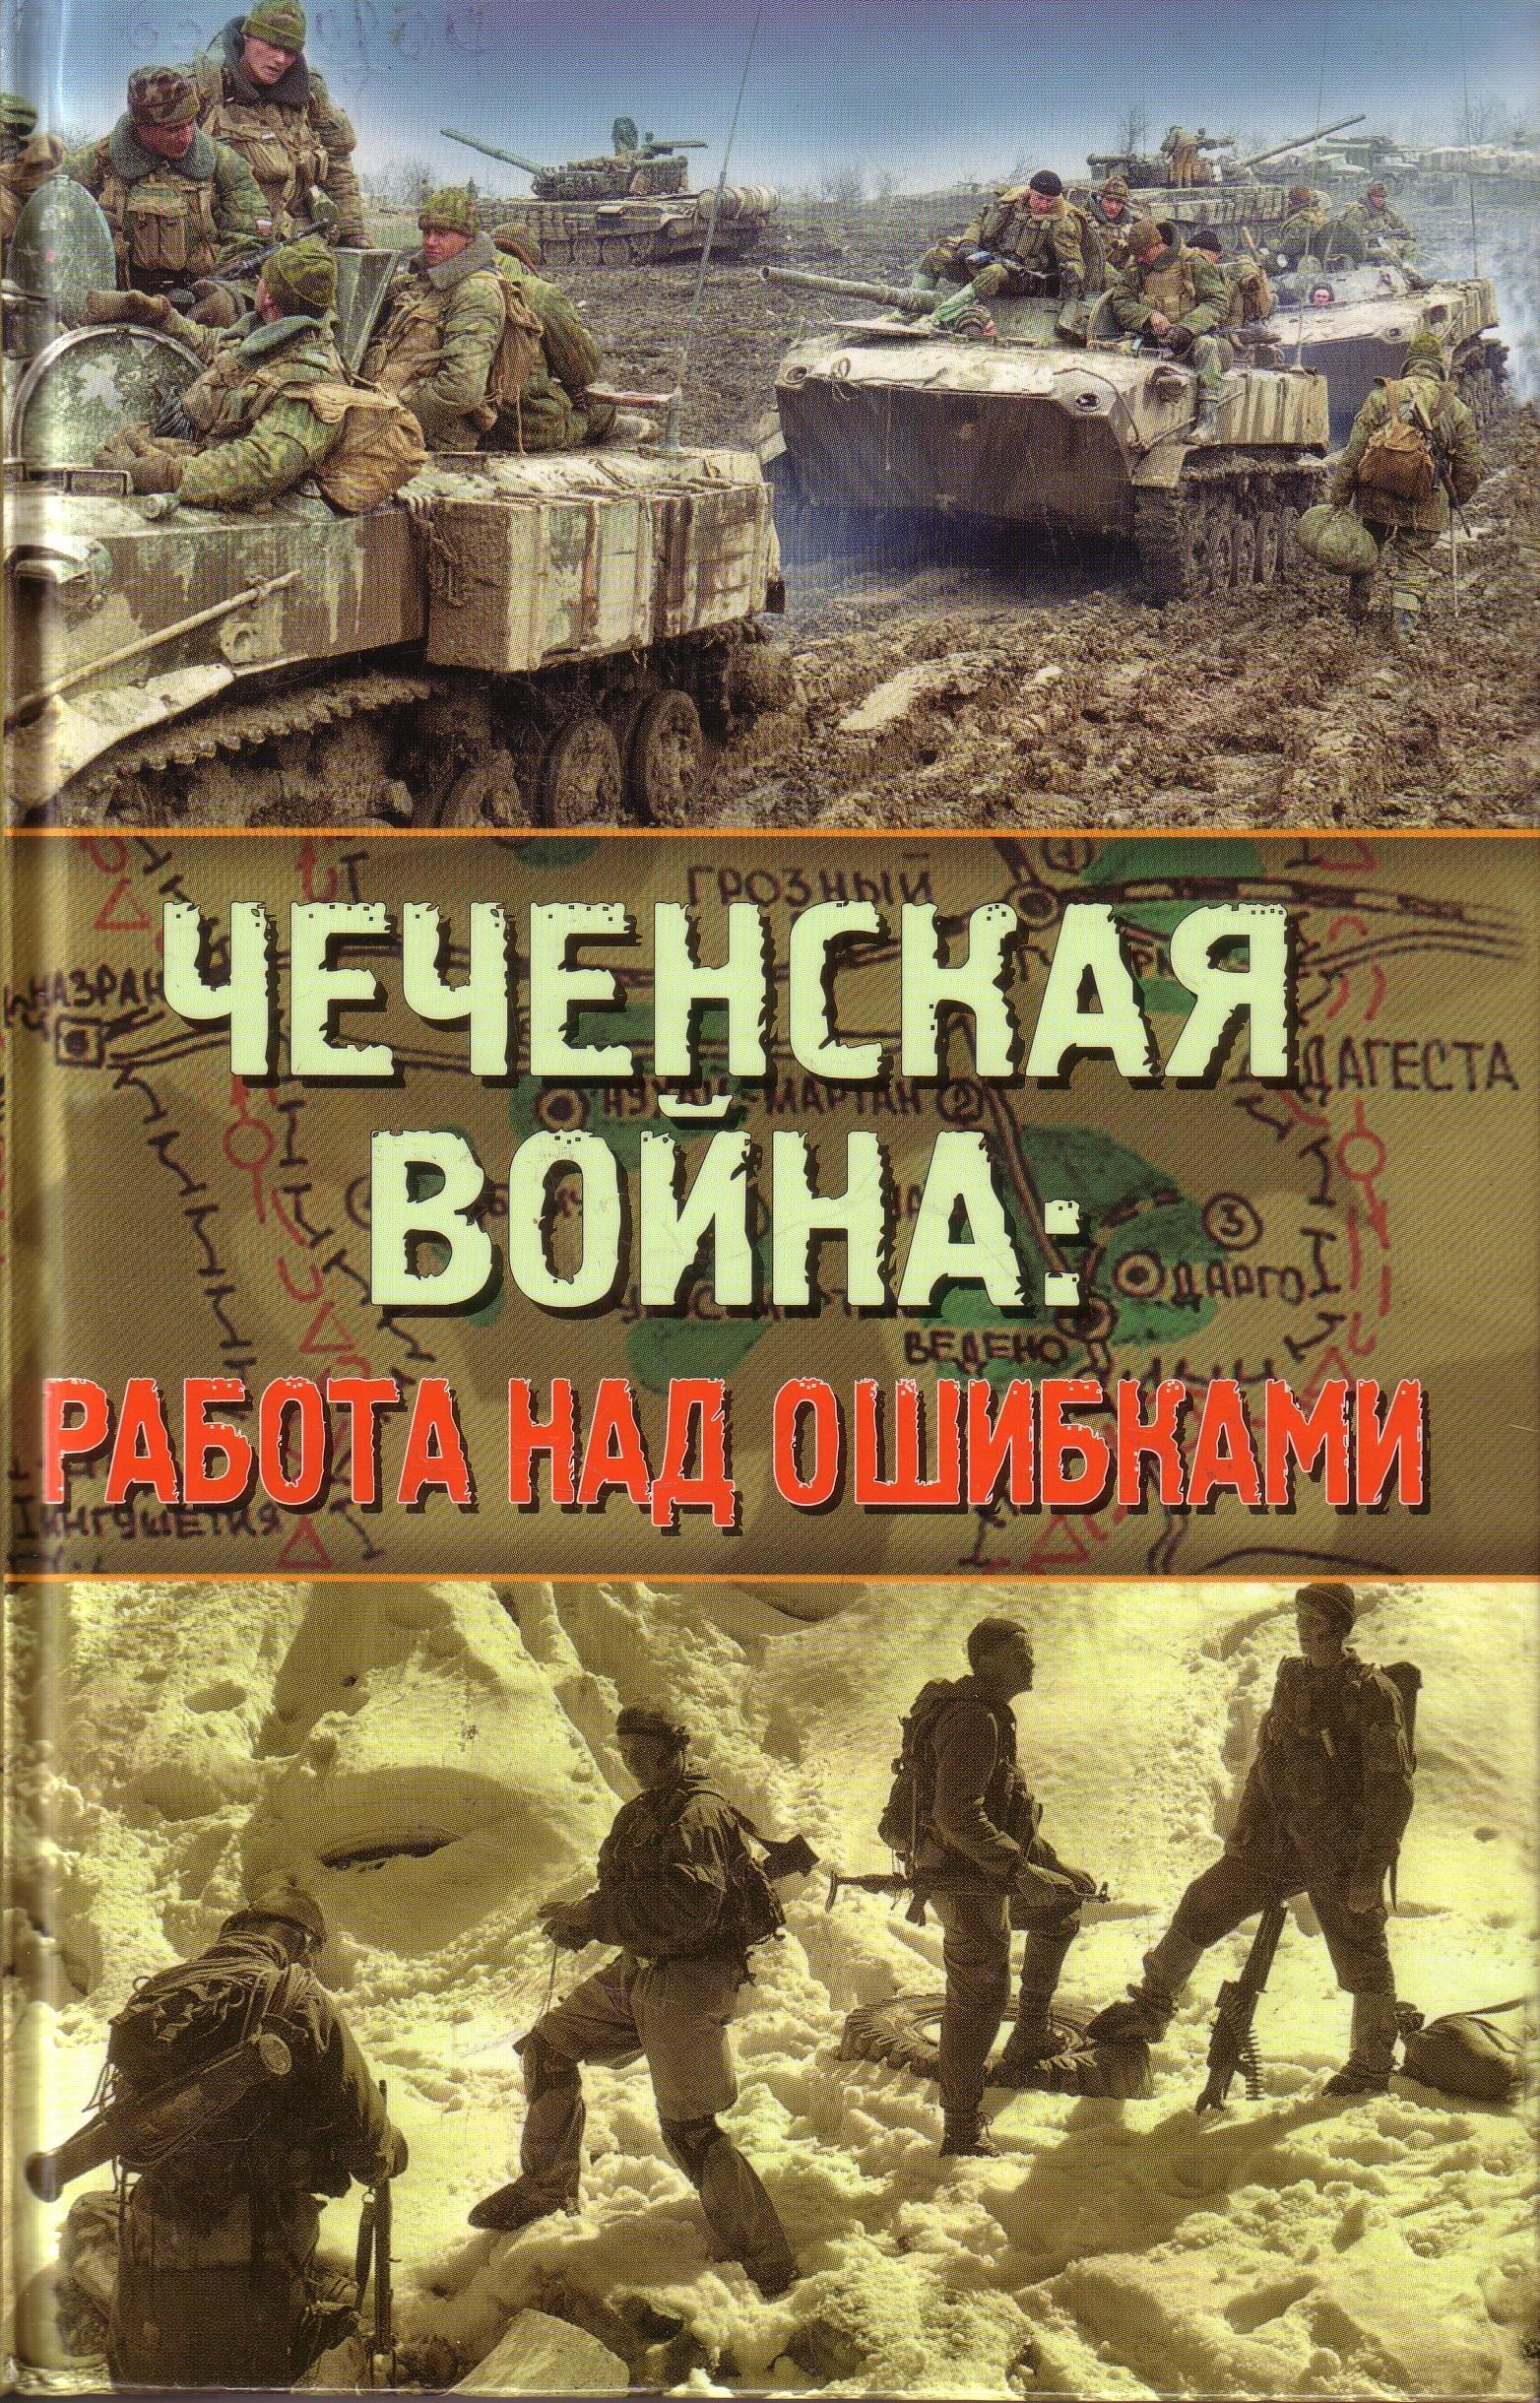 Скачать книгу афган чечня боевой опыт